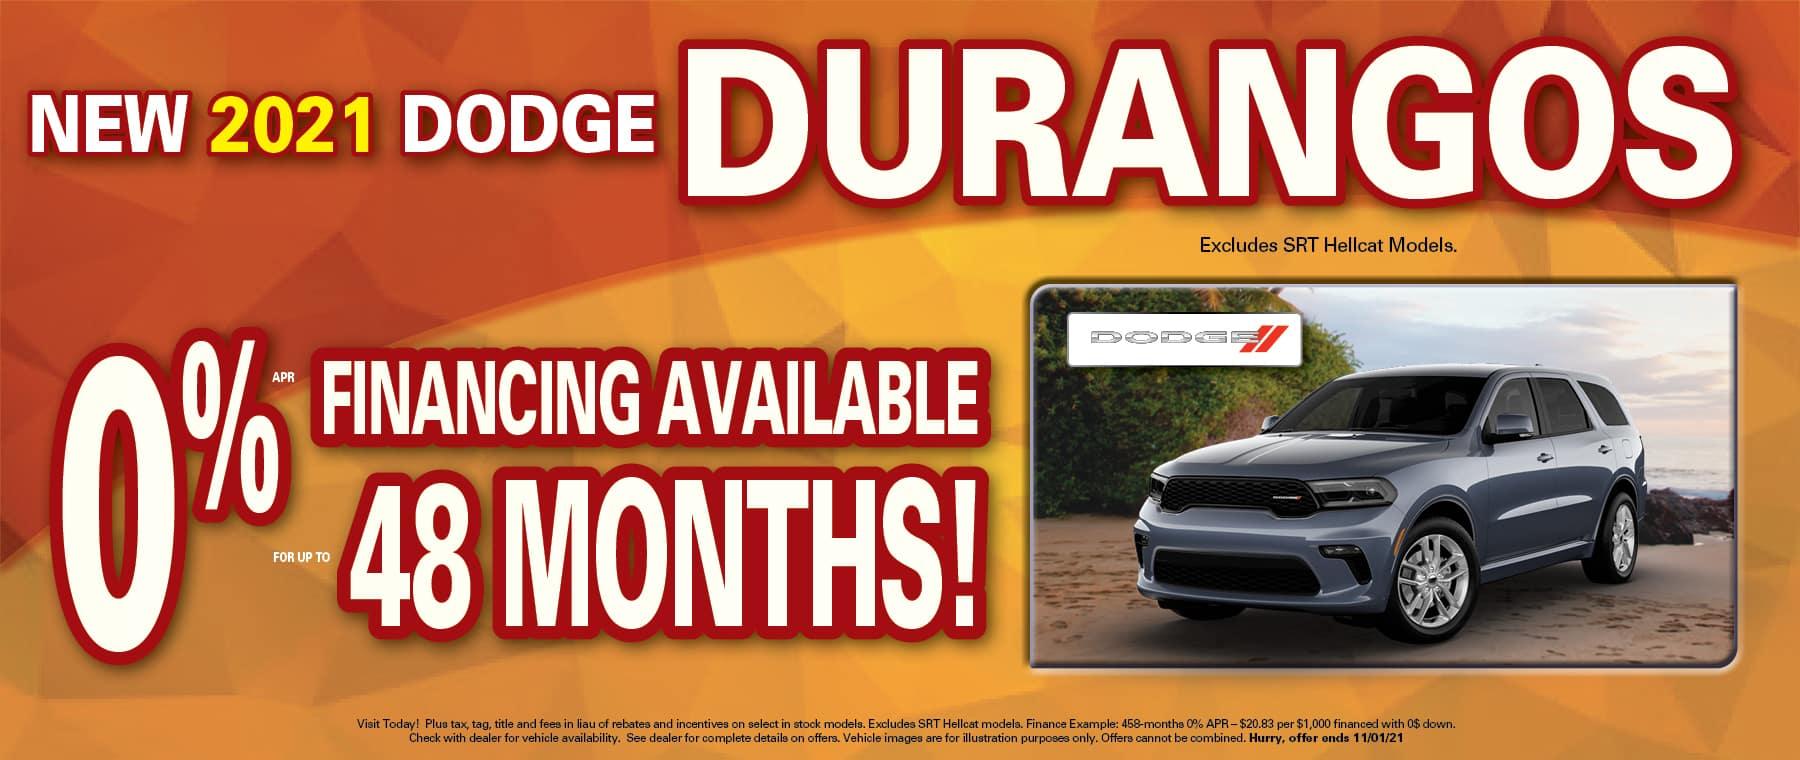 Durango 0% x 48 months